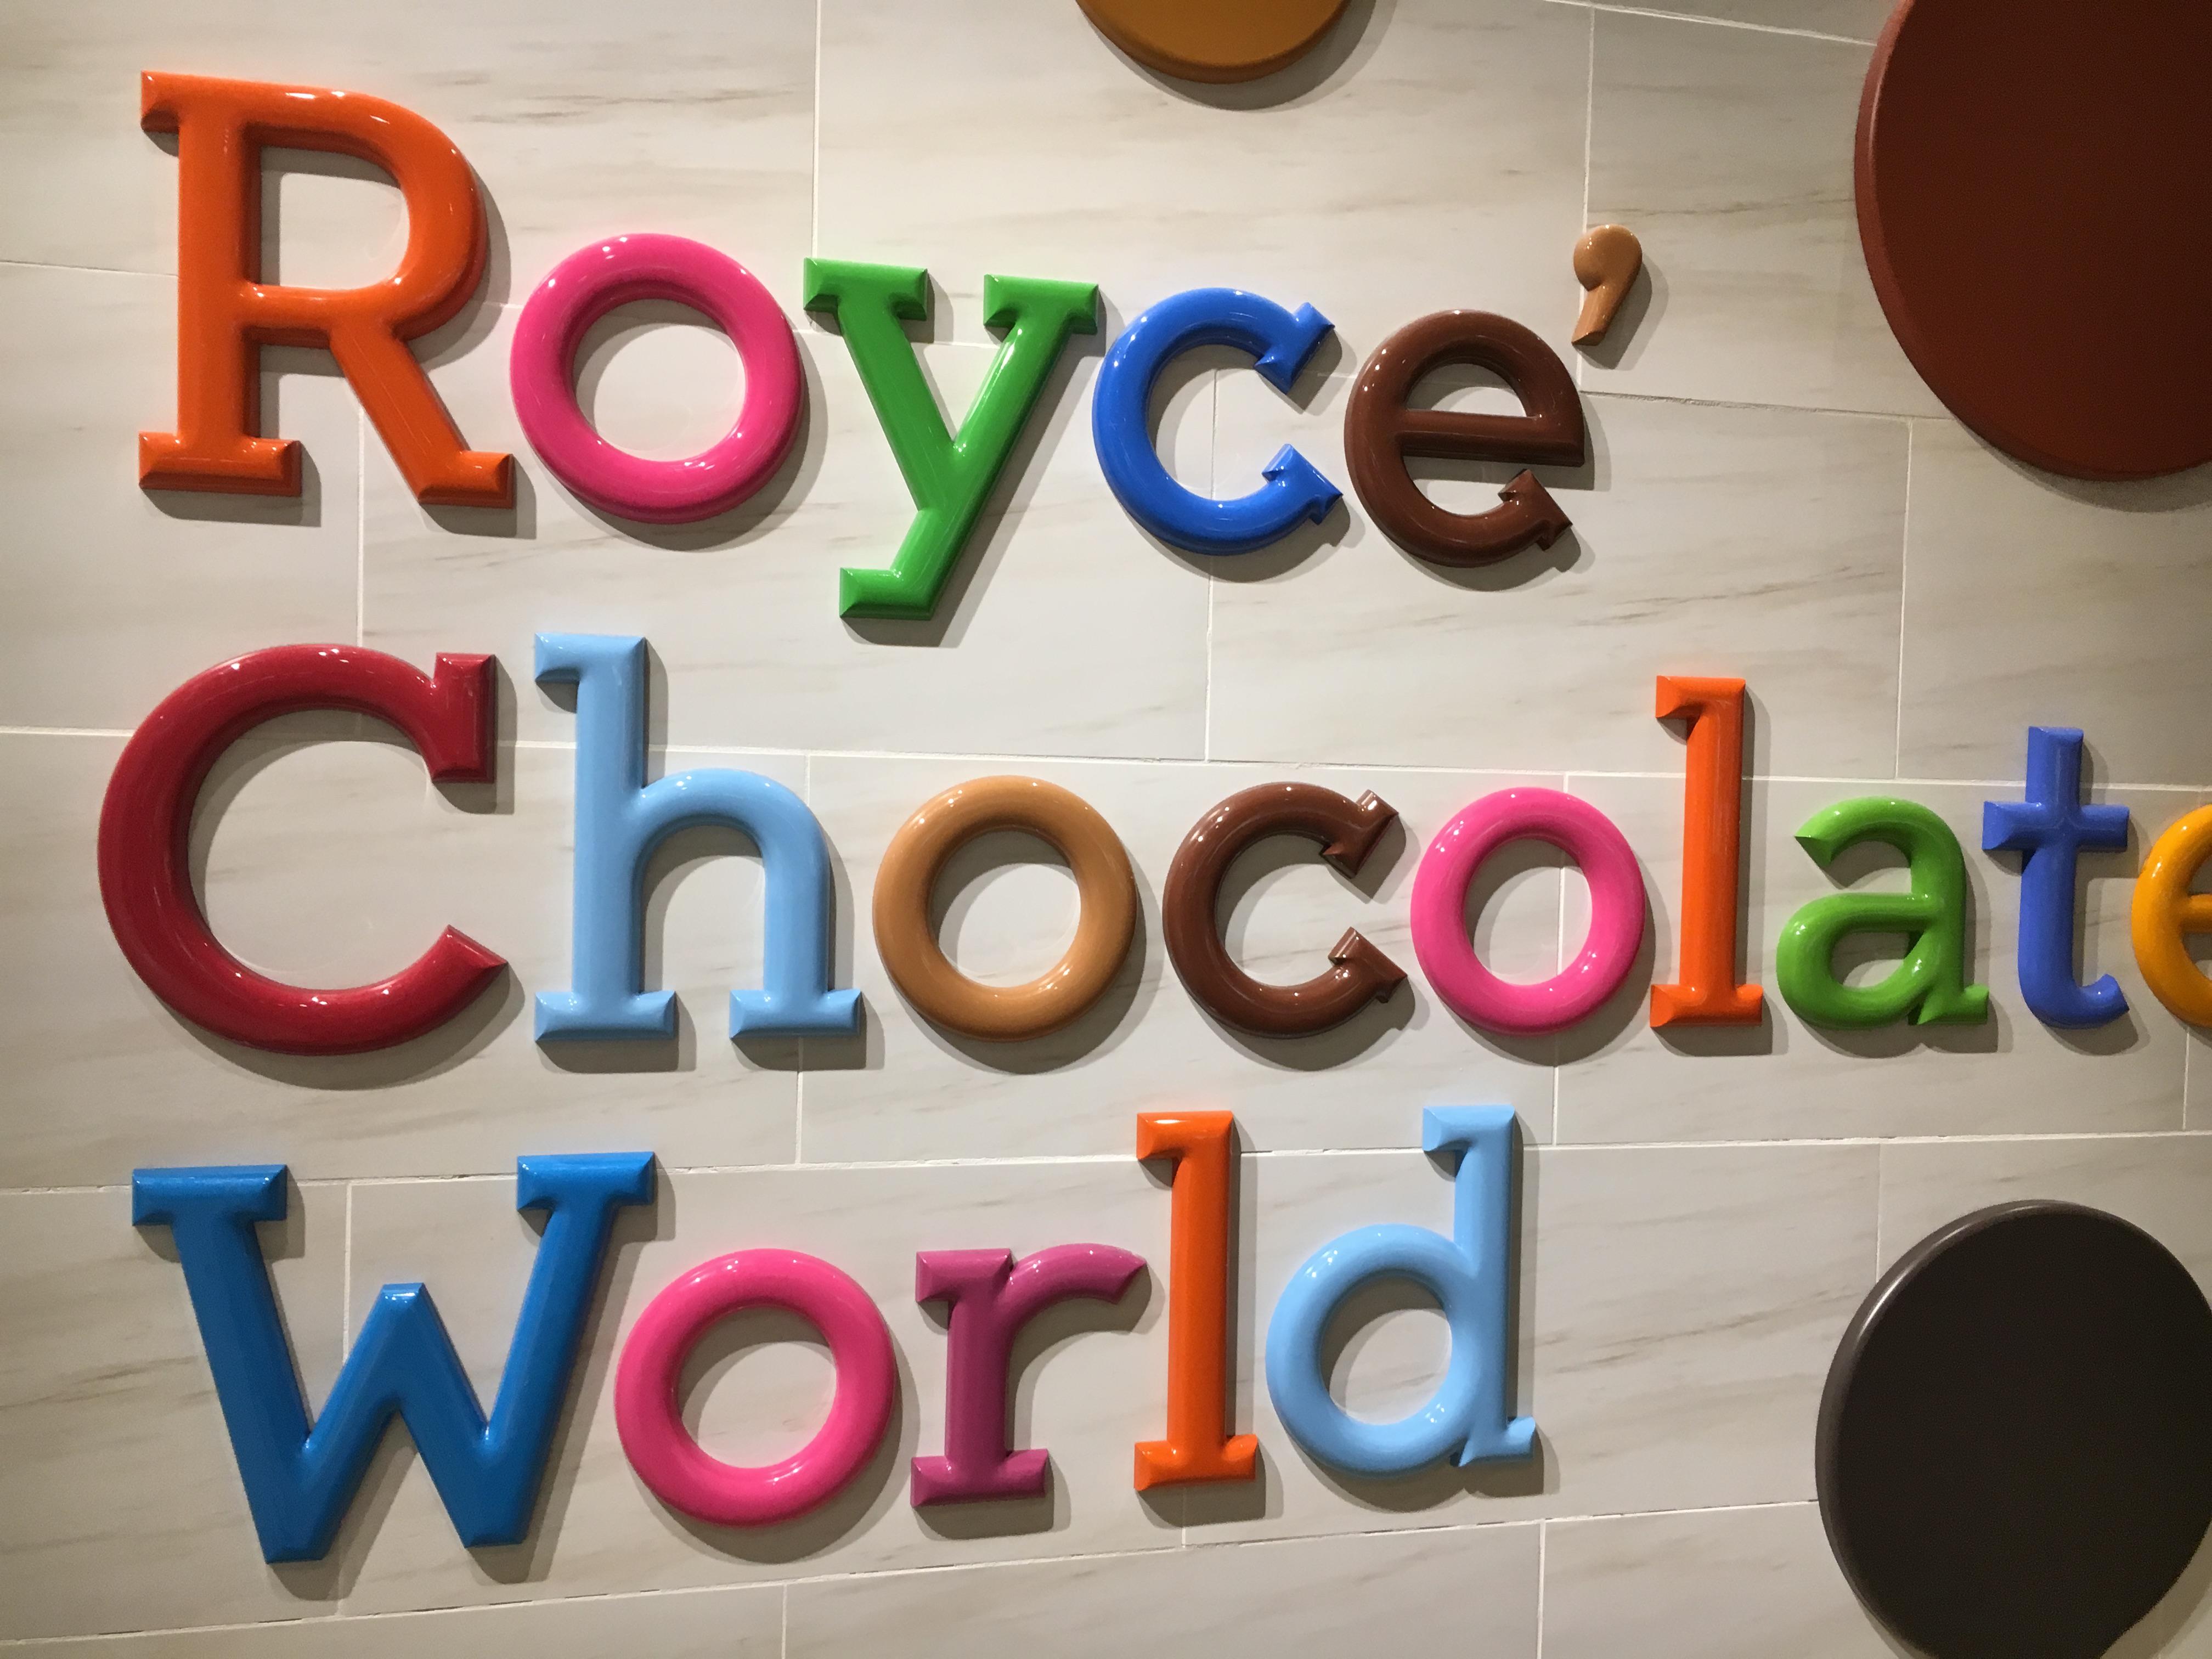 新千歳空港 ロイズチョコレートワールド。 ベーカリーの板チョコパンがすごい。